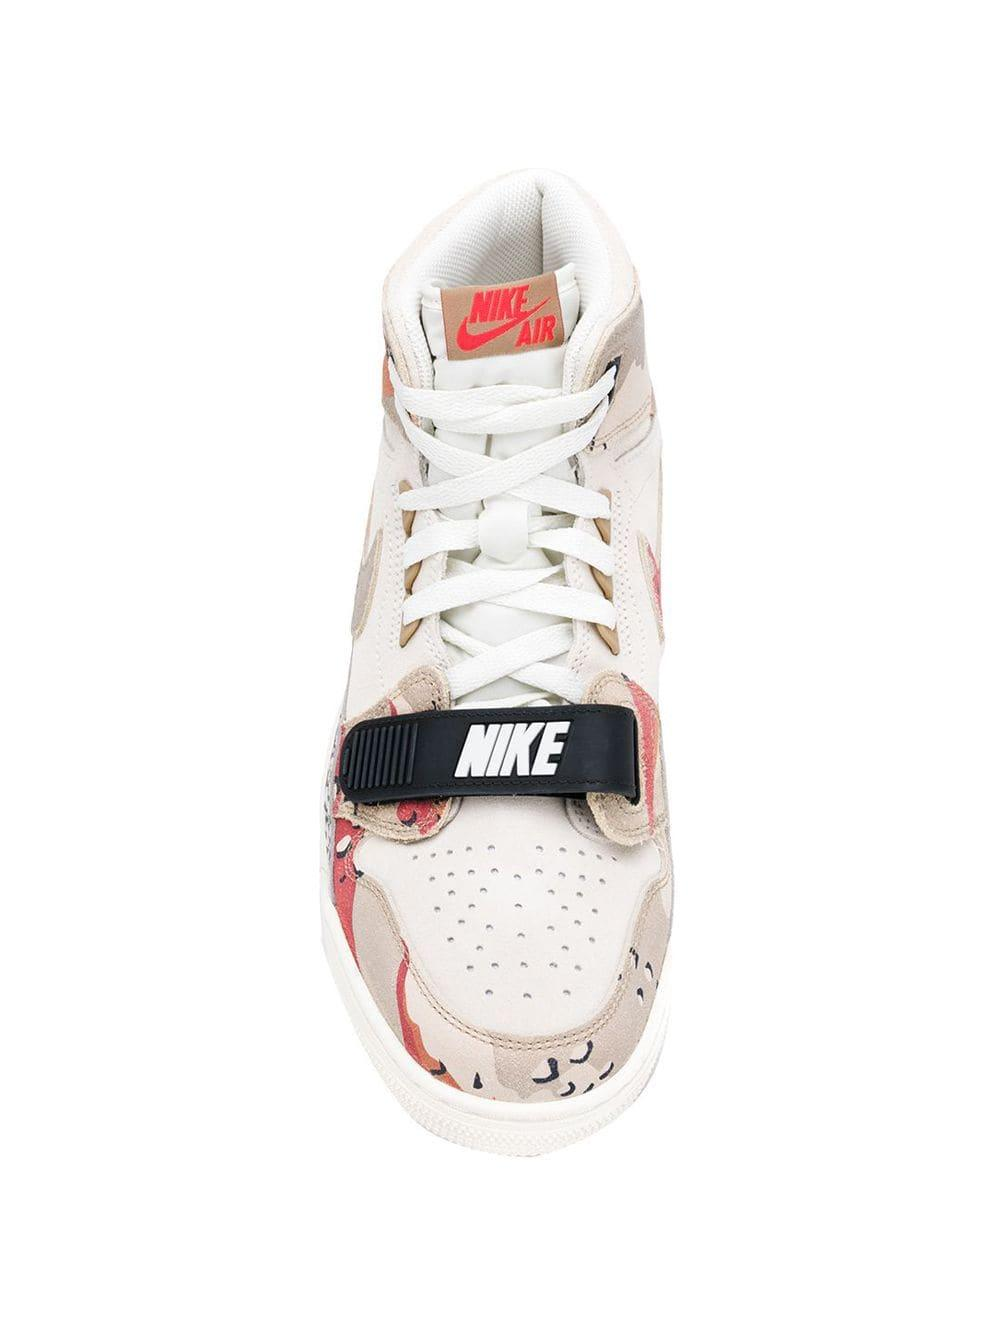 Zapatillas Legacy 123 Nike de hombre